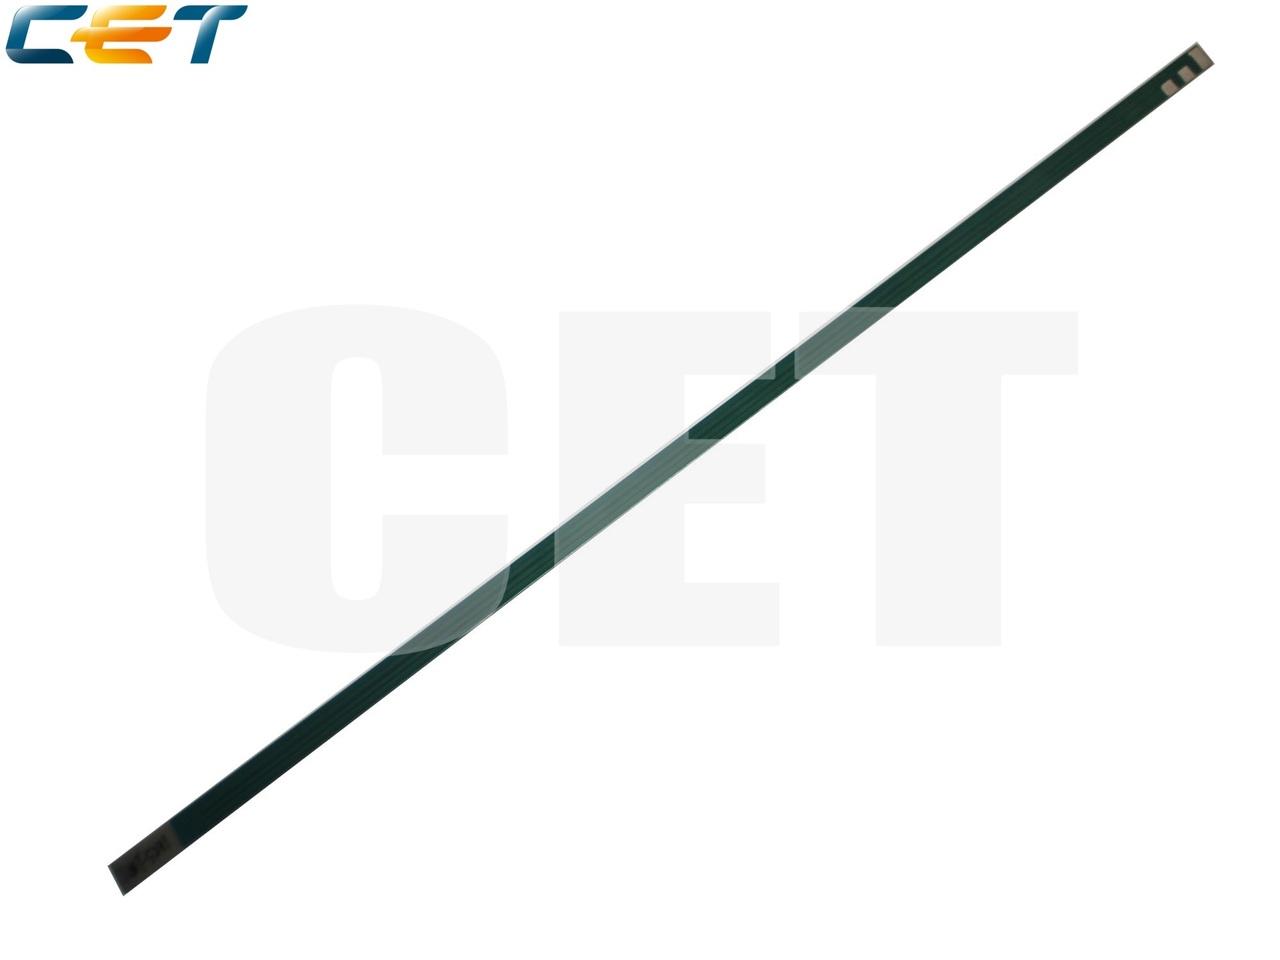 Нагревательный элемент для CANON iR ADVANCEC5560/5550/5540/5535/5560i (CET), CET5291